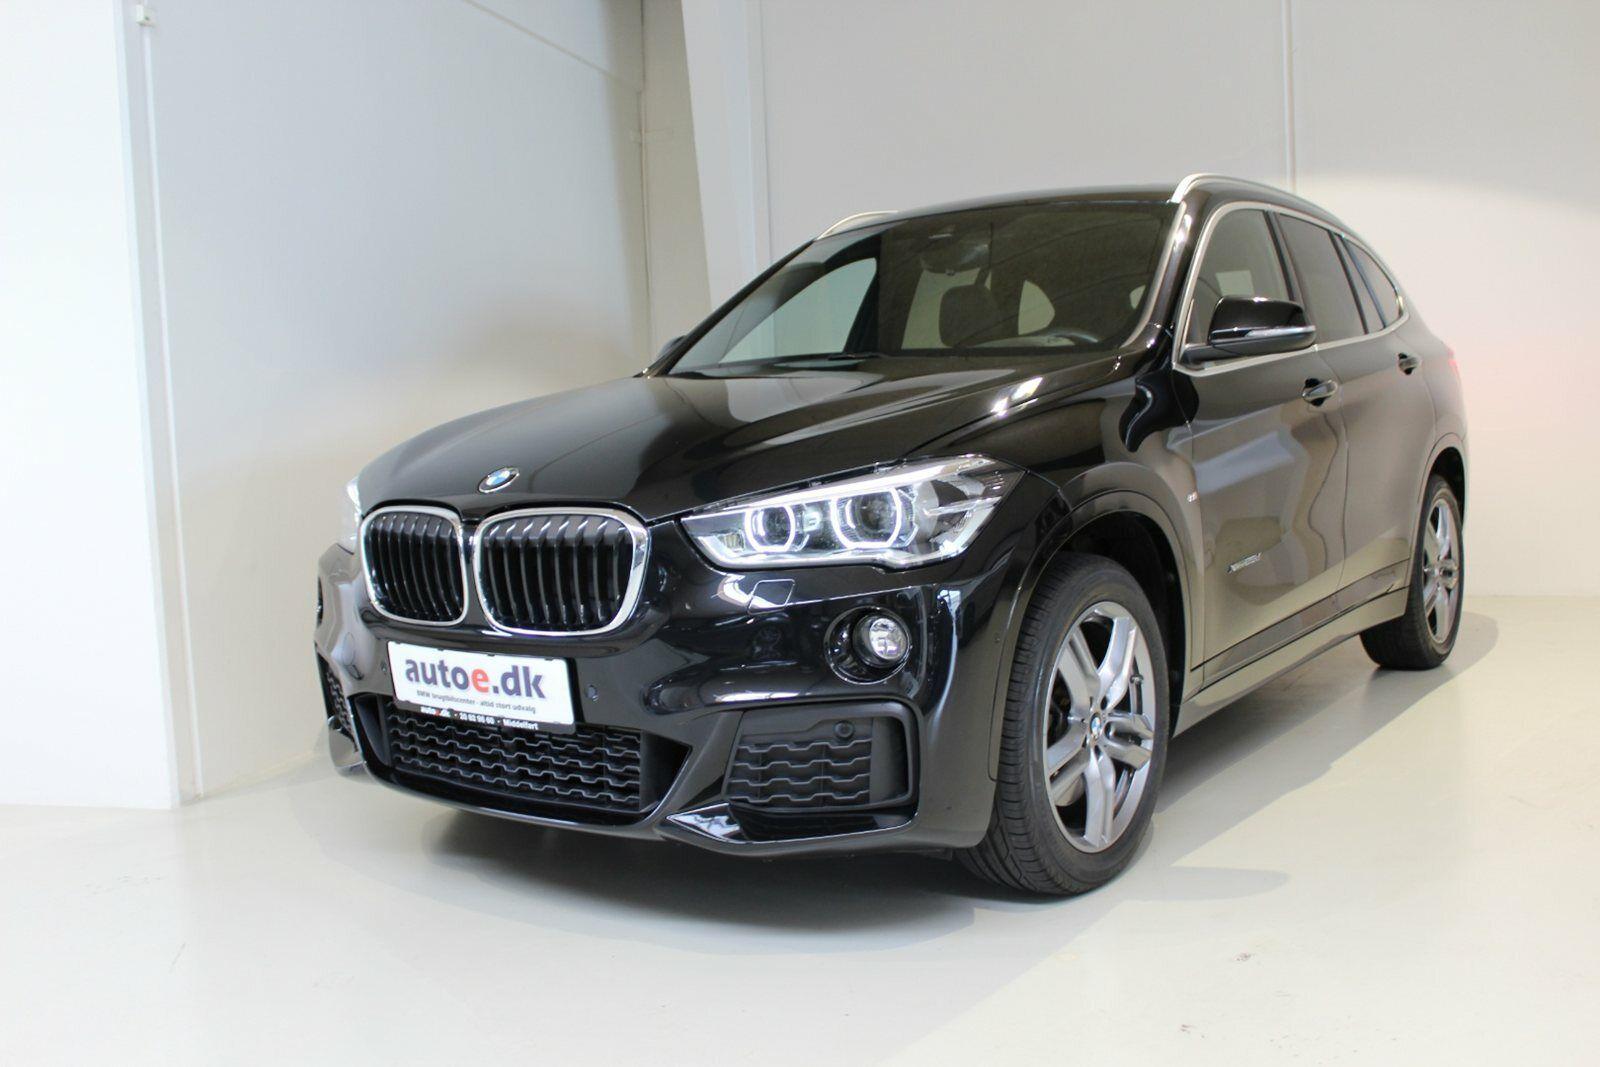 BMW X1 2,0 xDrive25d M-Sport aut. 5d - 519.800 kr.